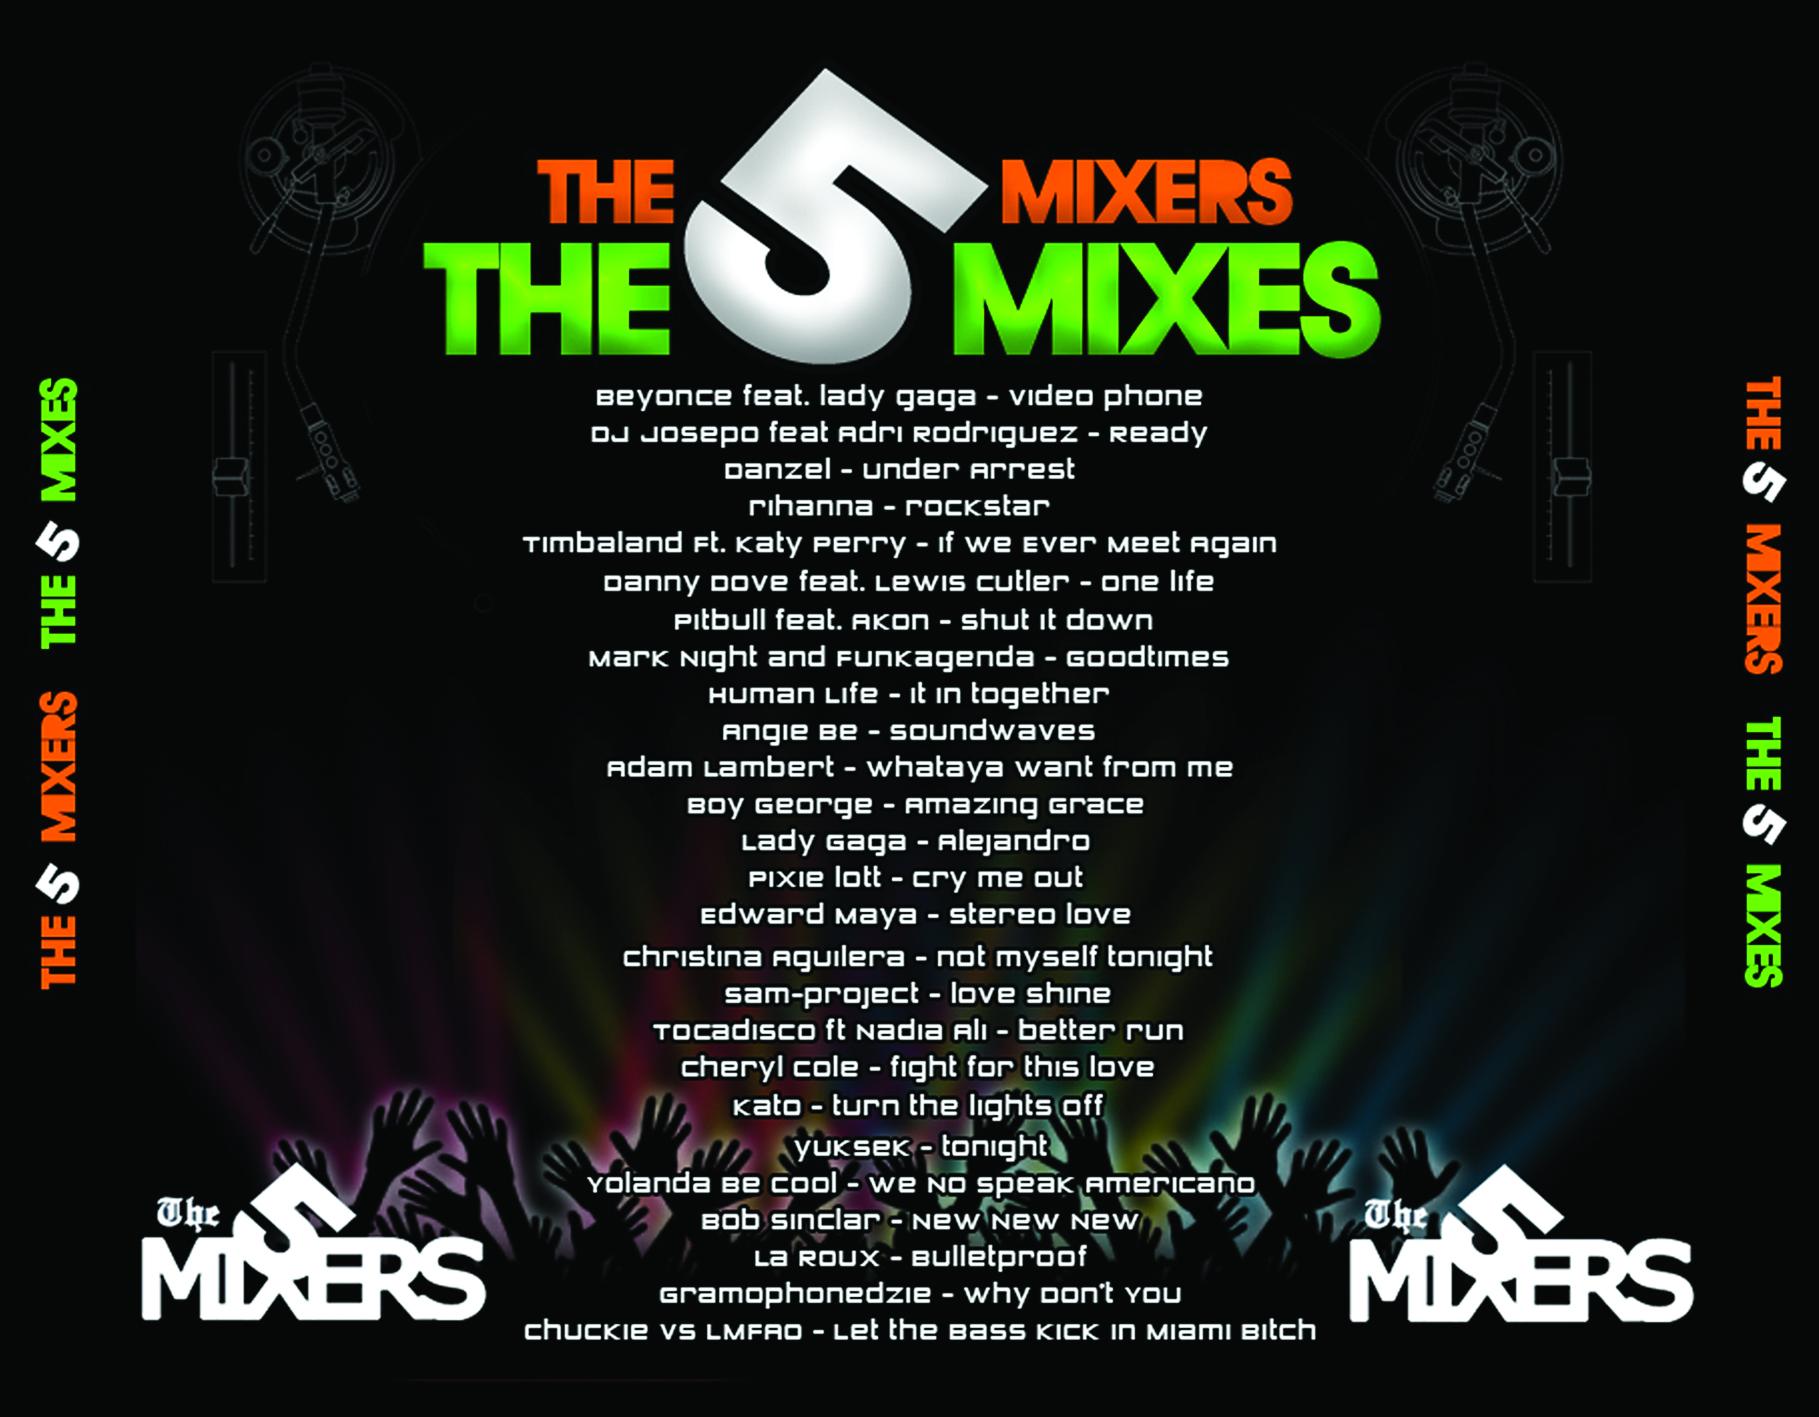 The 5 mixers - Megamix 2010